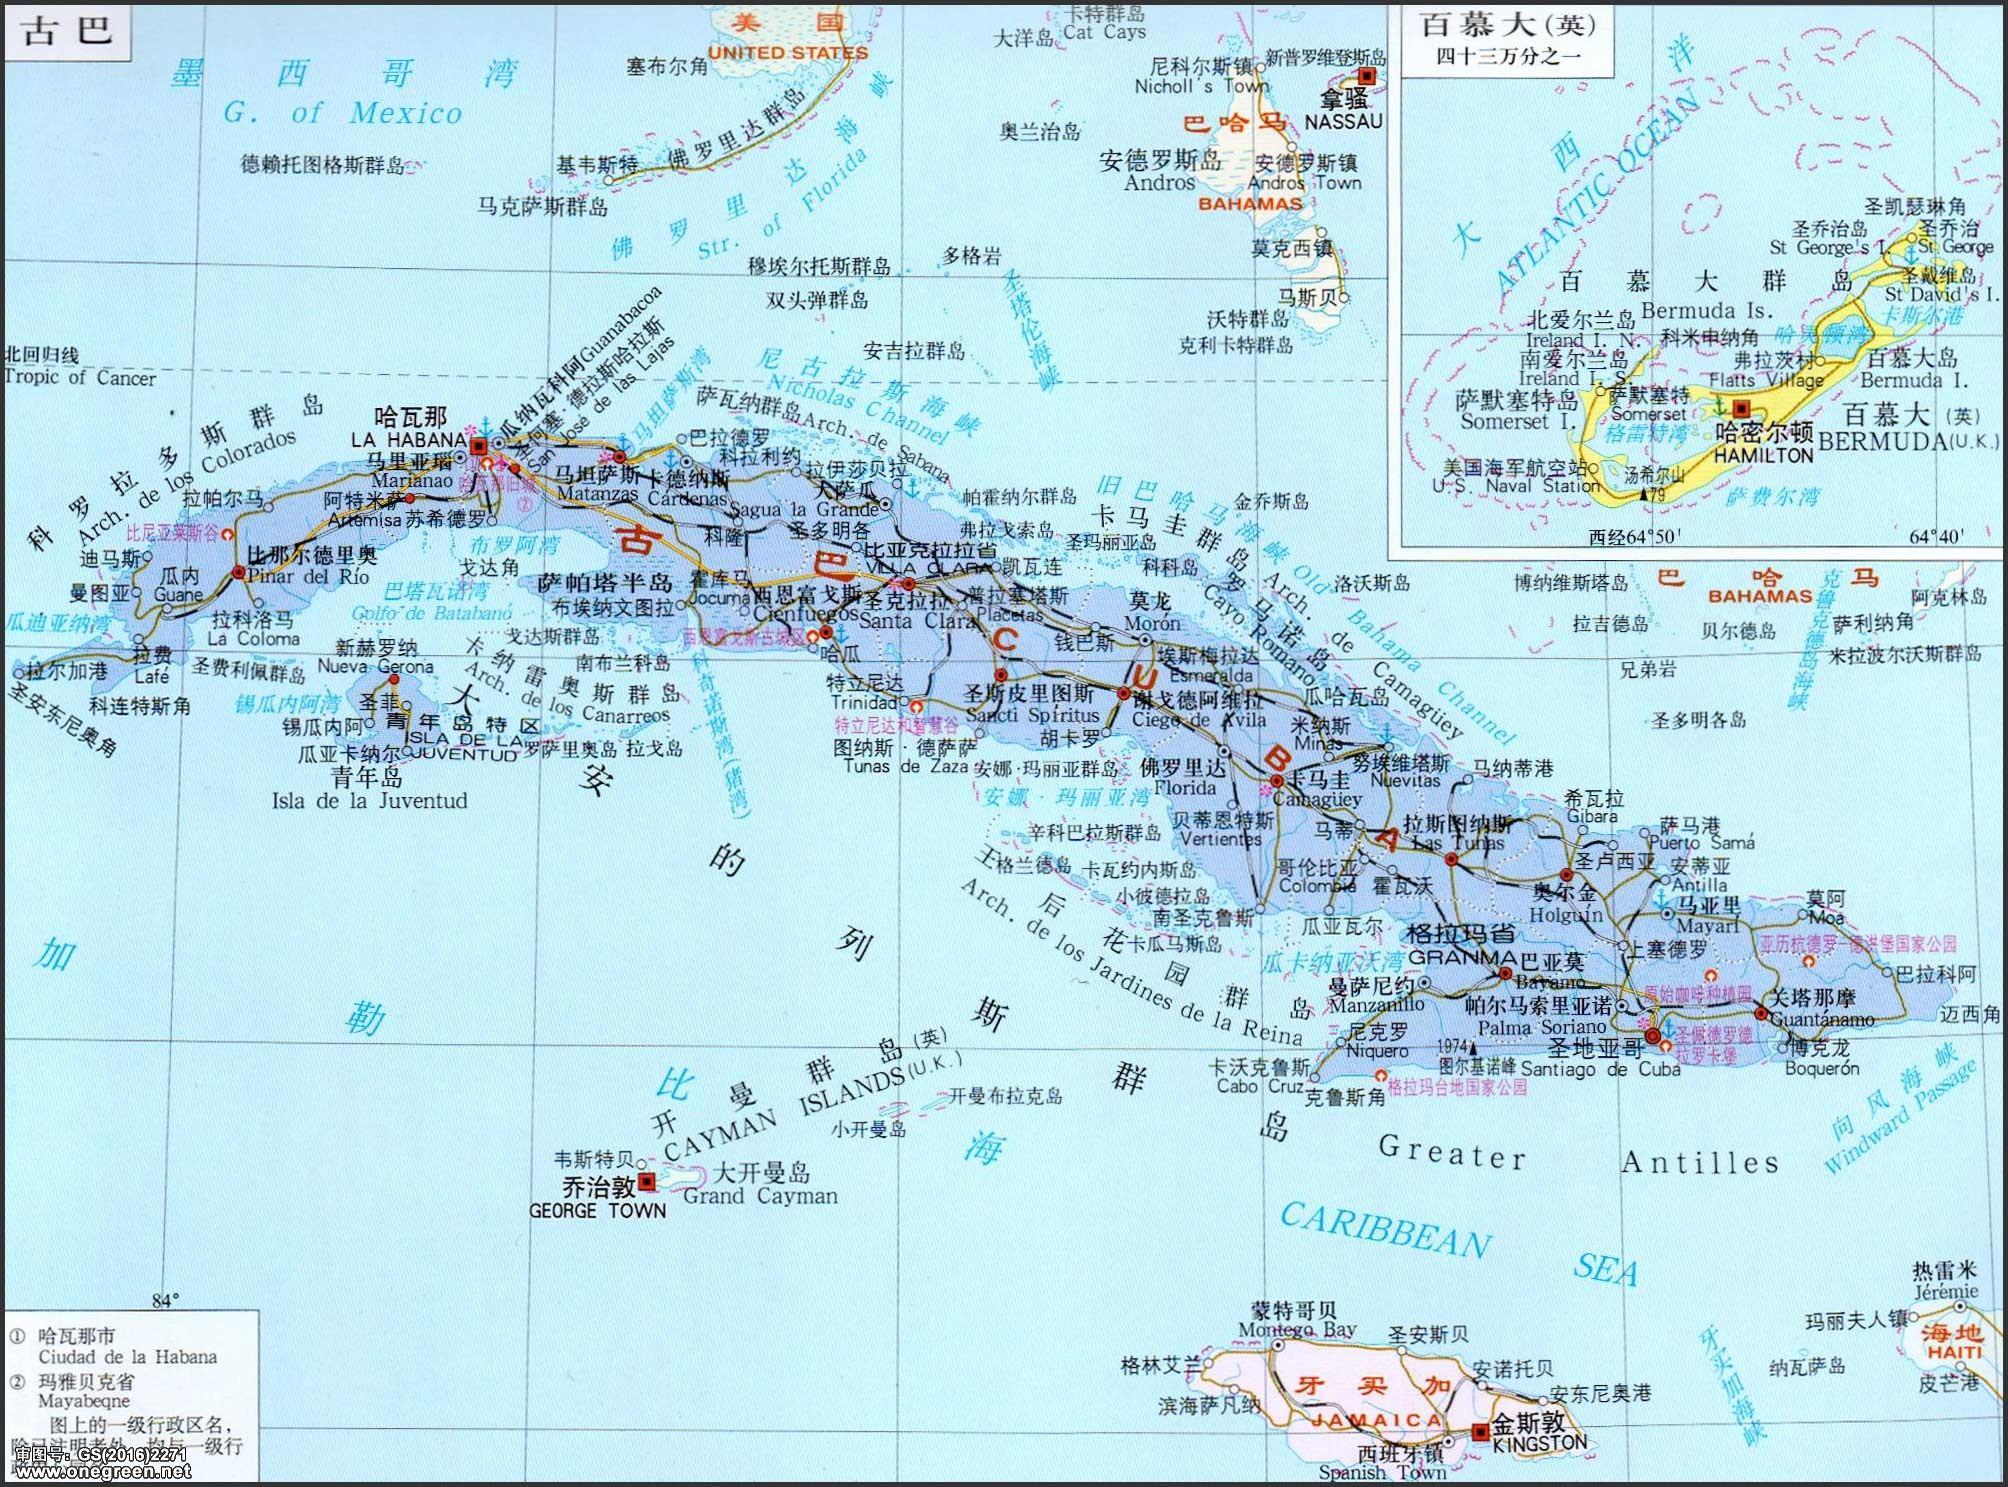 古巴地图,巴哈马地图